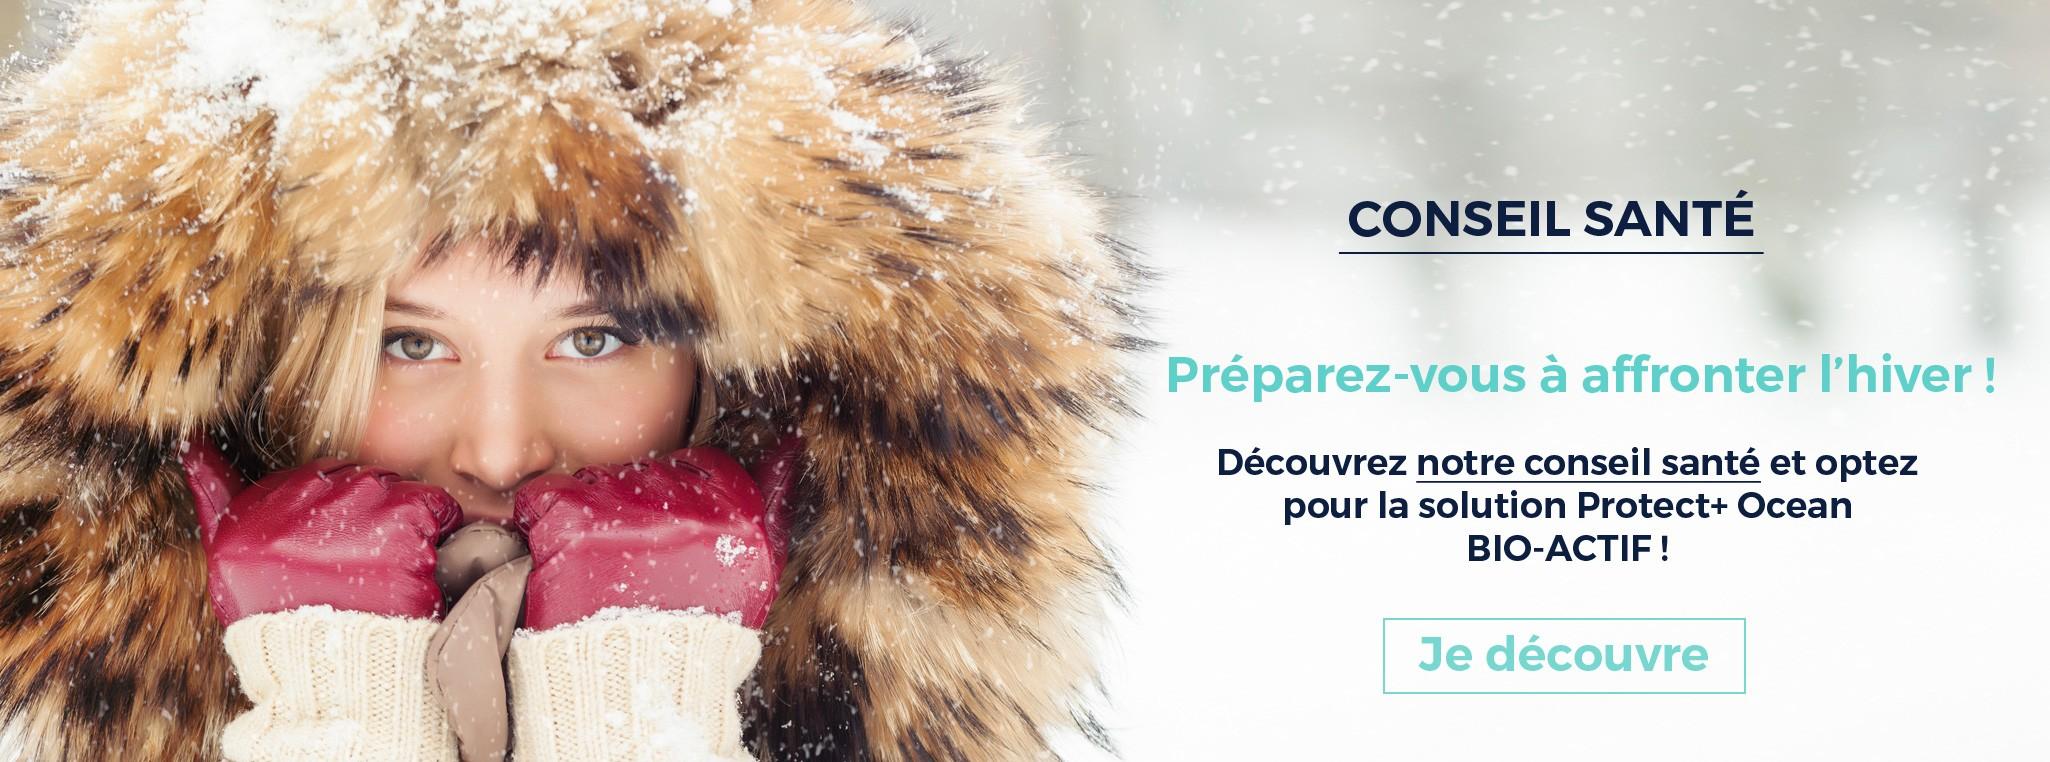 Préparez-vous à affronter l'hiver !